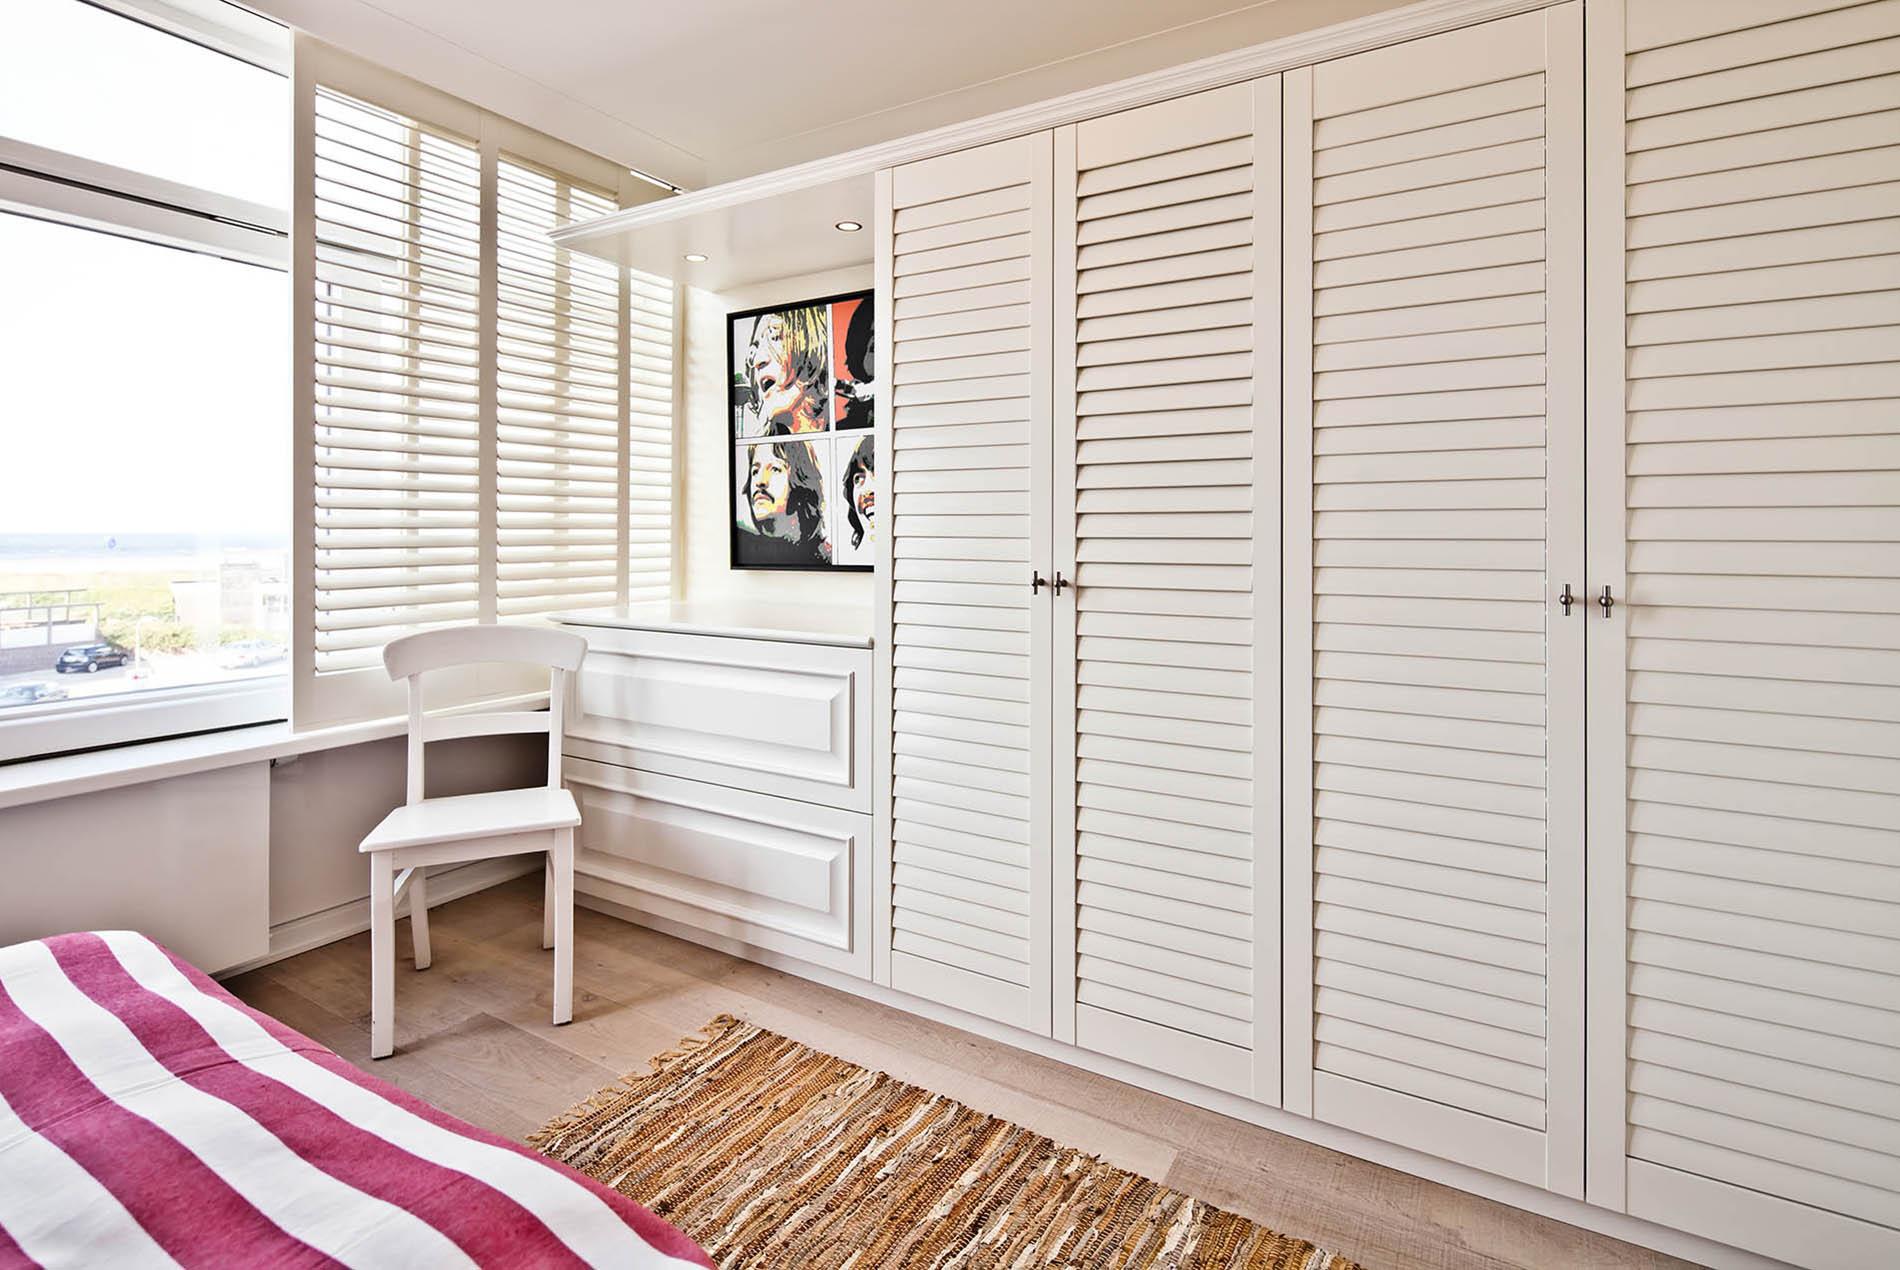 schlafzimmer mit bad und ankleide schlafzimmer lampe rot 4 jahreszeiten bettdecken set. Black Bedroom Furniture Sets. Home Design Ideas